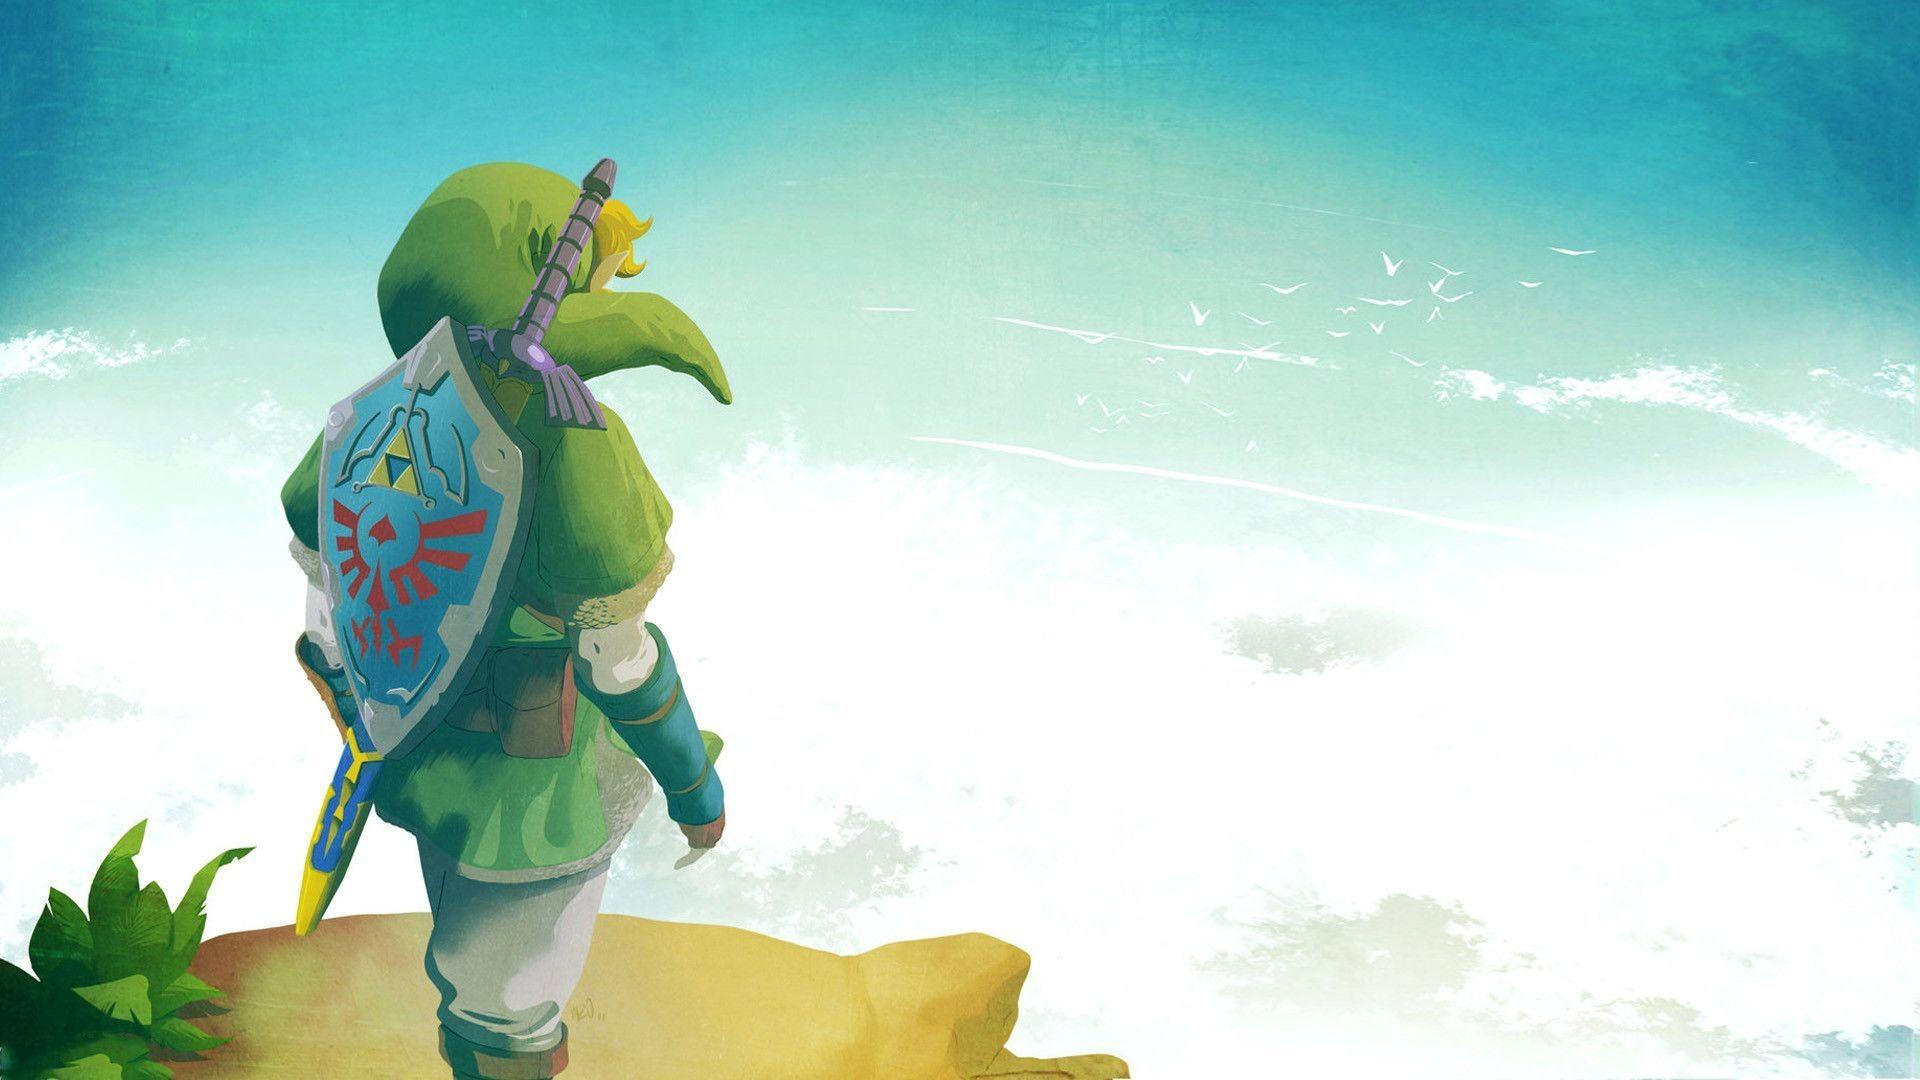 Download Free Legend Of Zelda Wallpapers